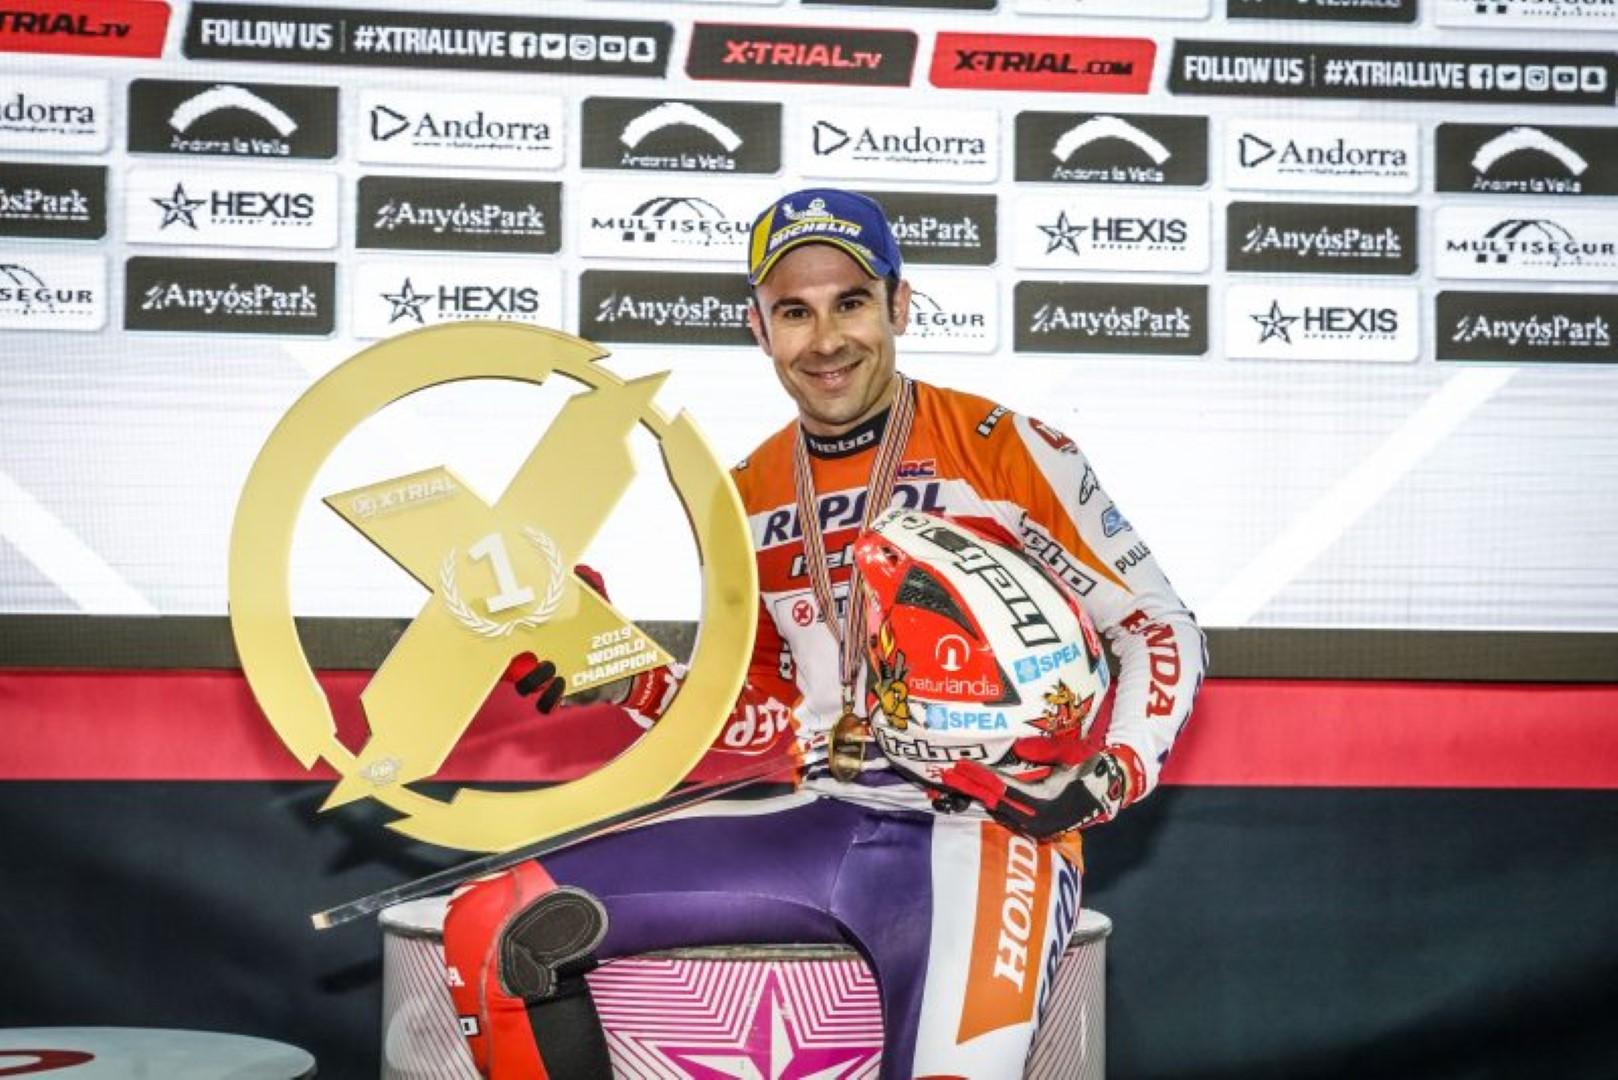 Toni Bou cierra la temporada de X-Trial ganando en Andorra